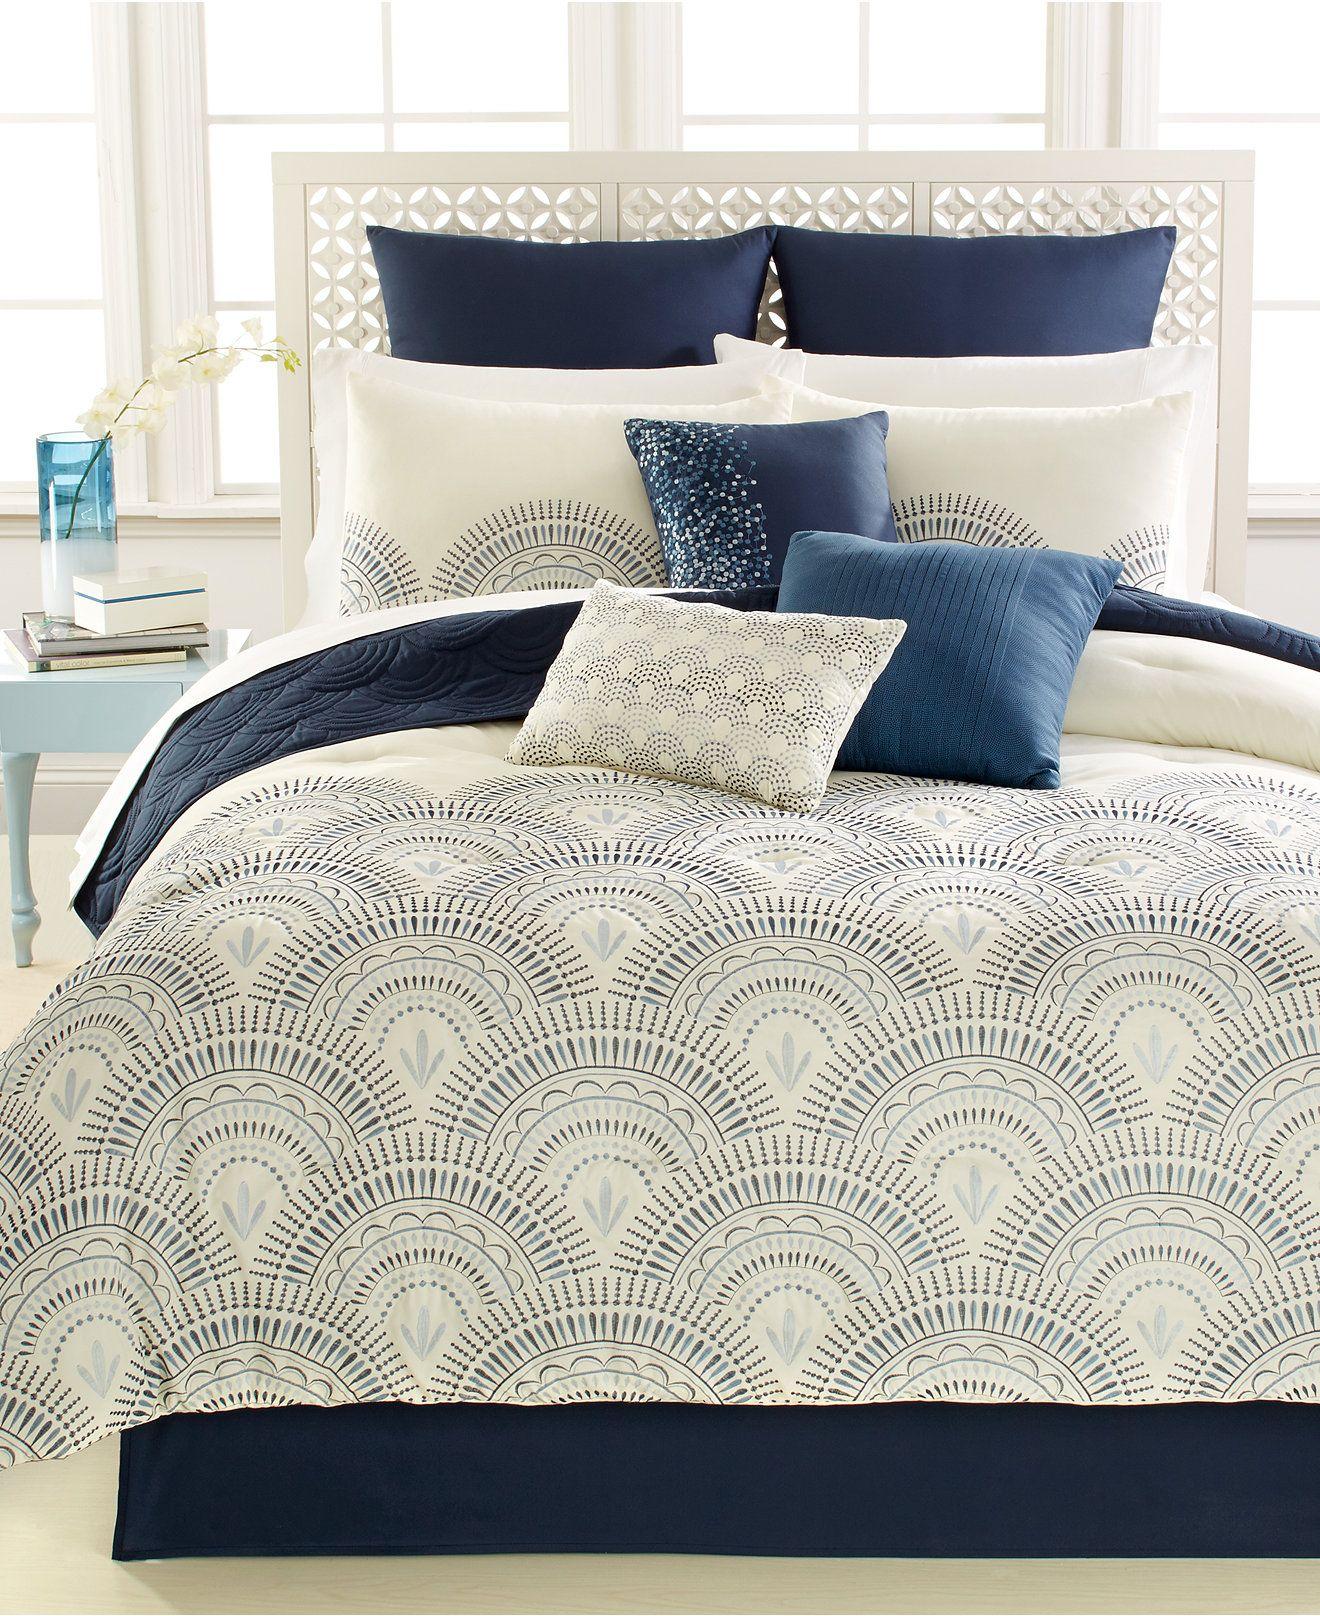 Reese 10 Pc California King Comforter Set